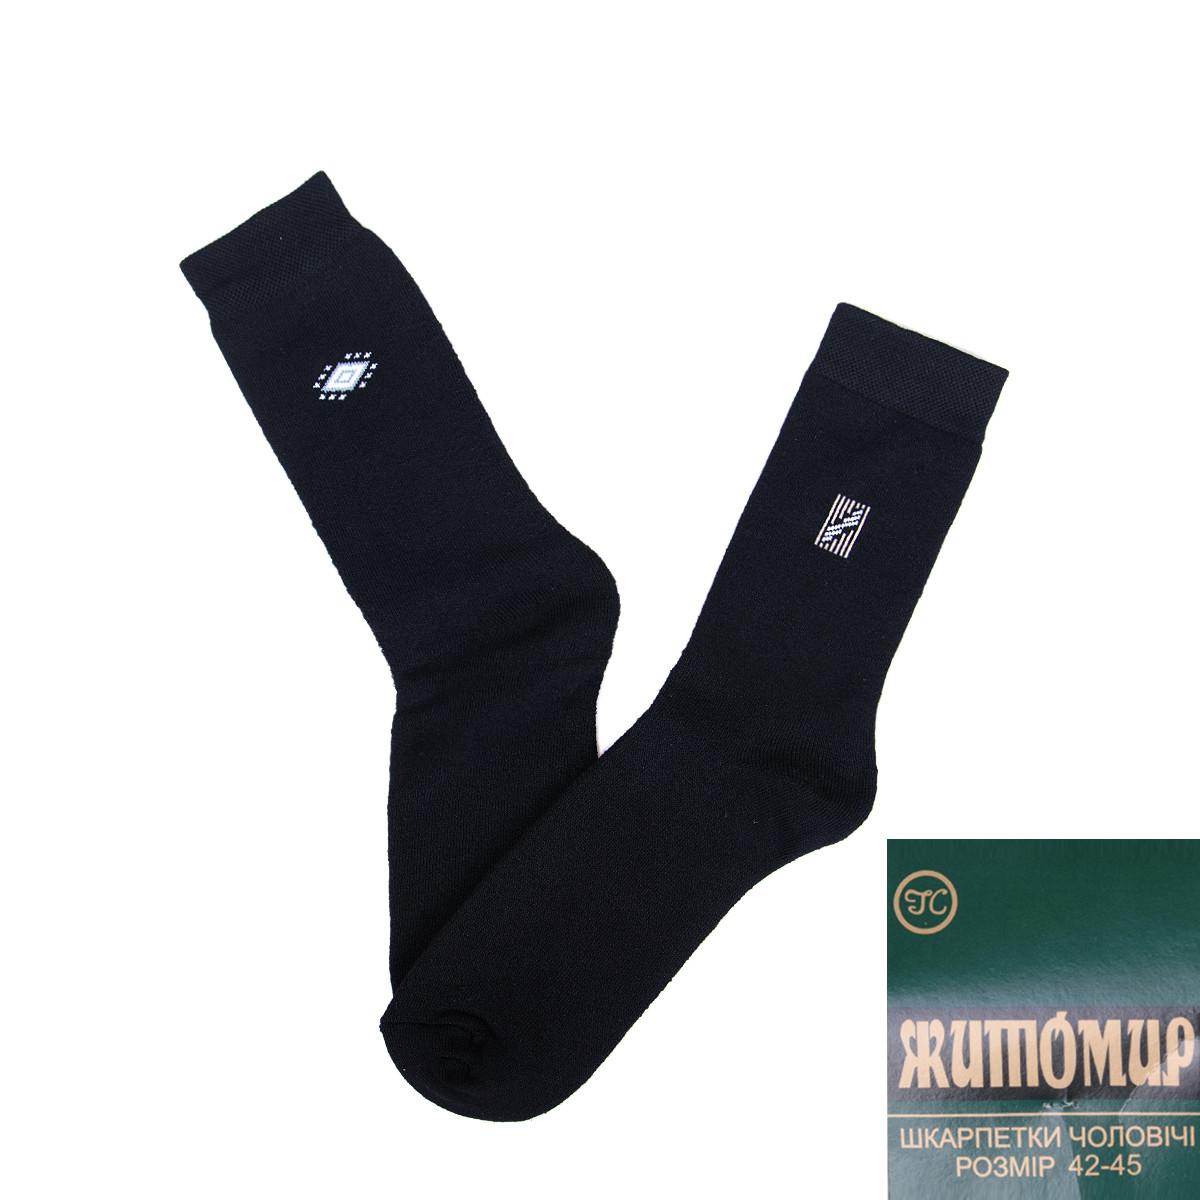 Теплые носки мужские махровые Житомир Украина TLK-029